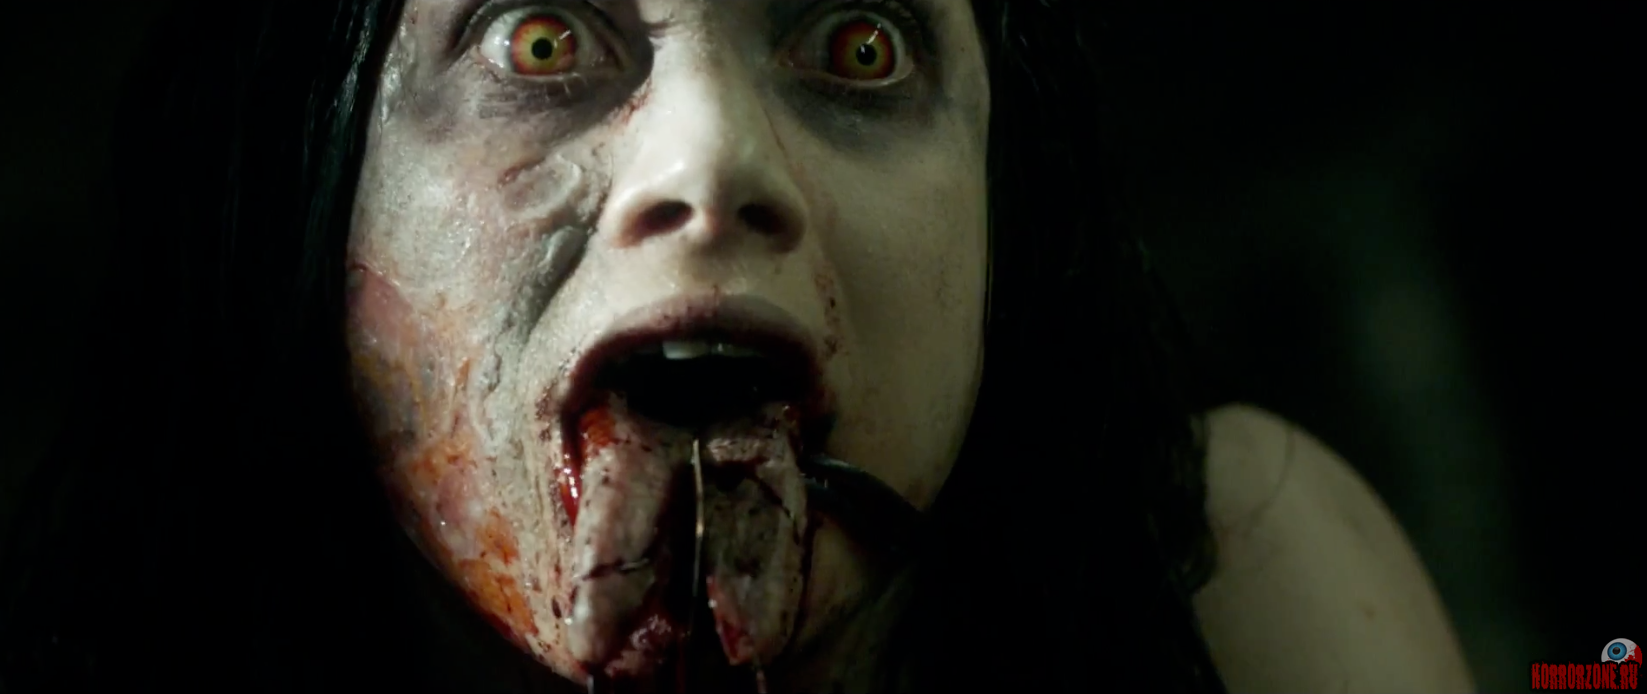 зловещие мертвецы 1 смотреть онлайн бесплатно в хорошем качестве: